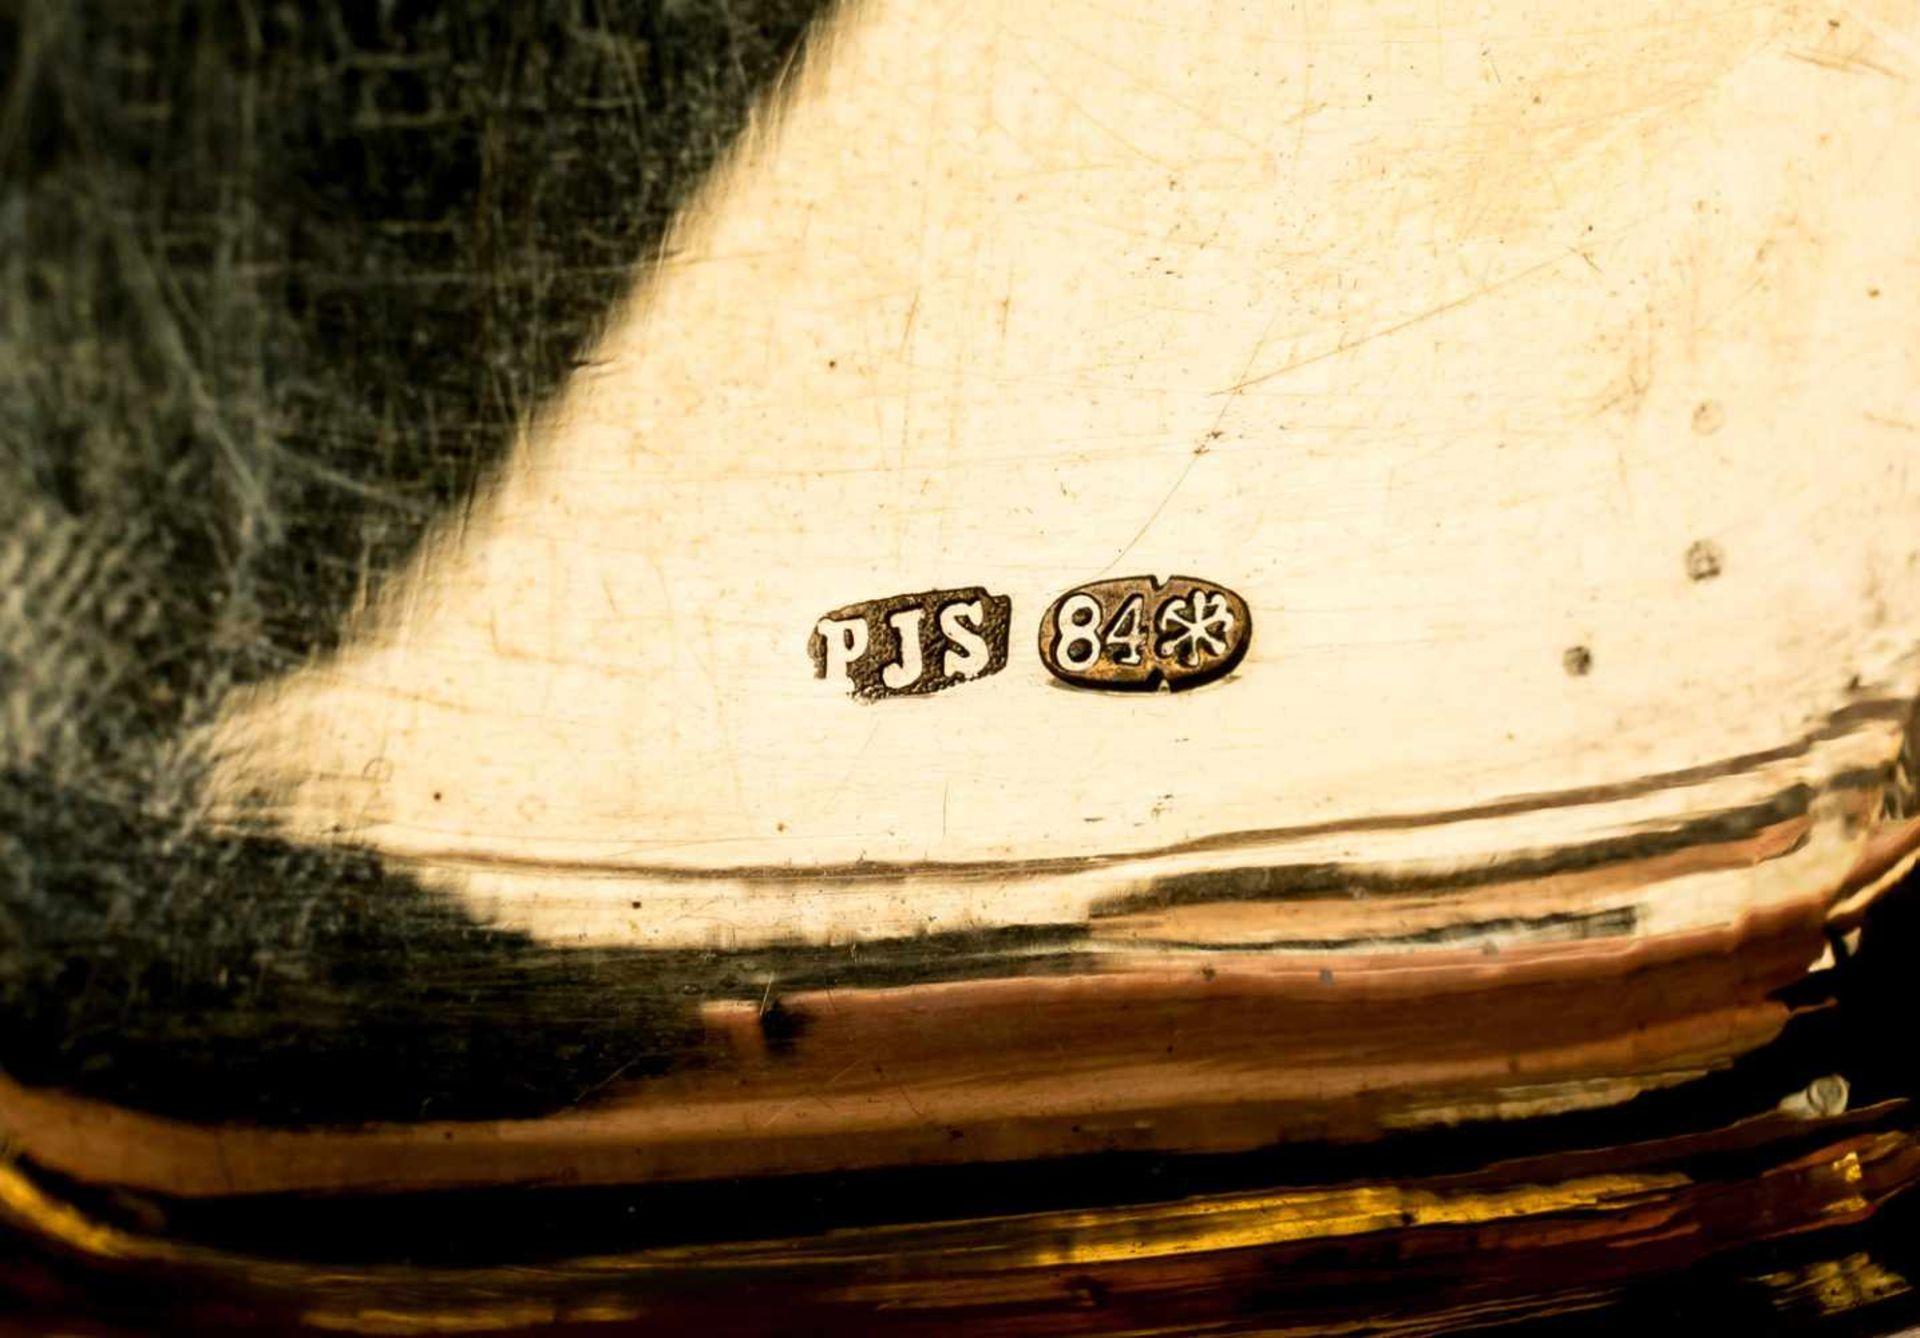 """Zigarettendose mit Dekor-Gravierung Russland, Silber (92g), St. Petersburg vor 1899 Meister: """"PJS"""" - Bild 2 aus 2"""